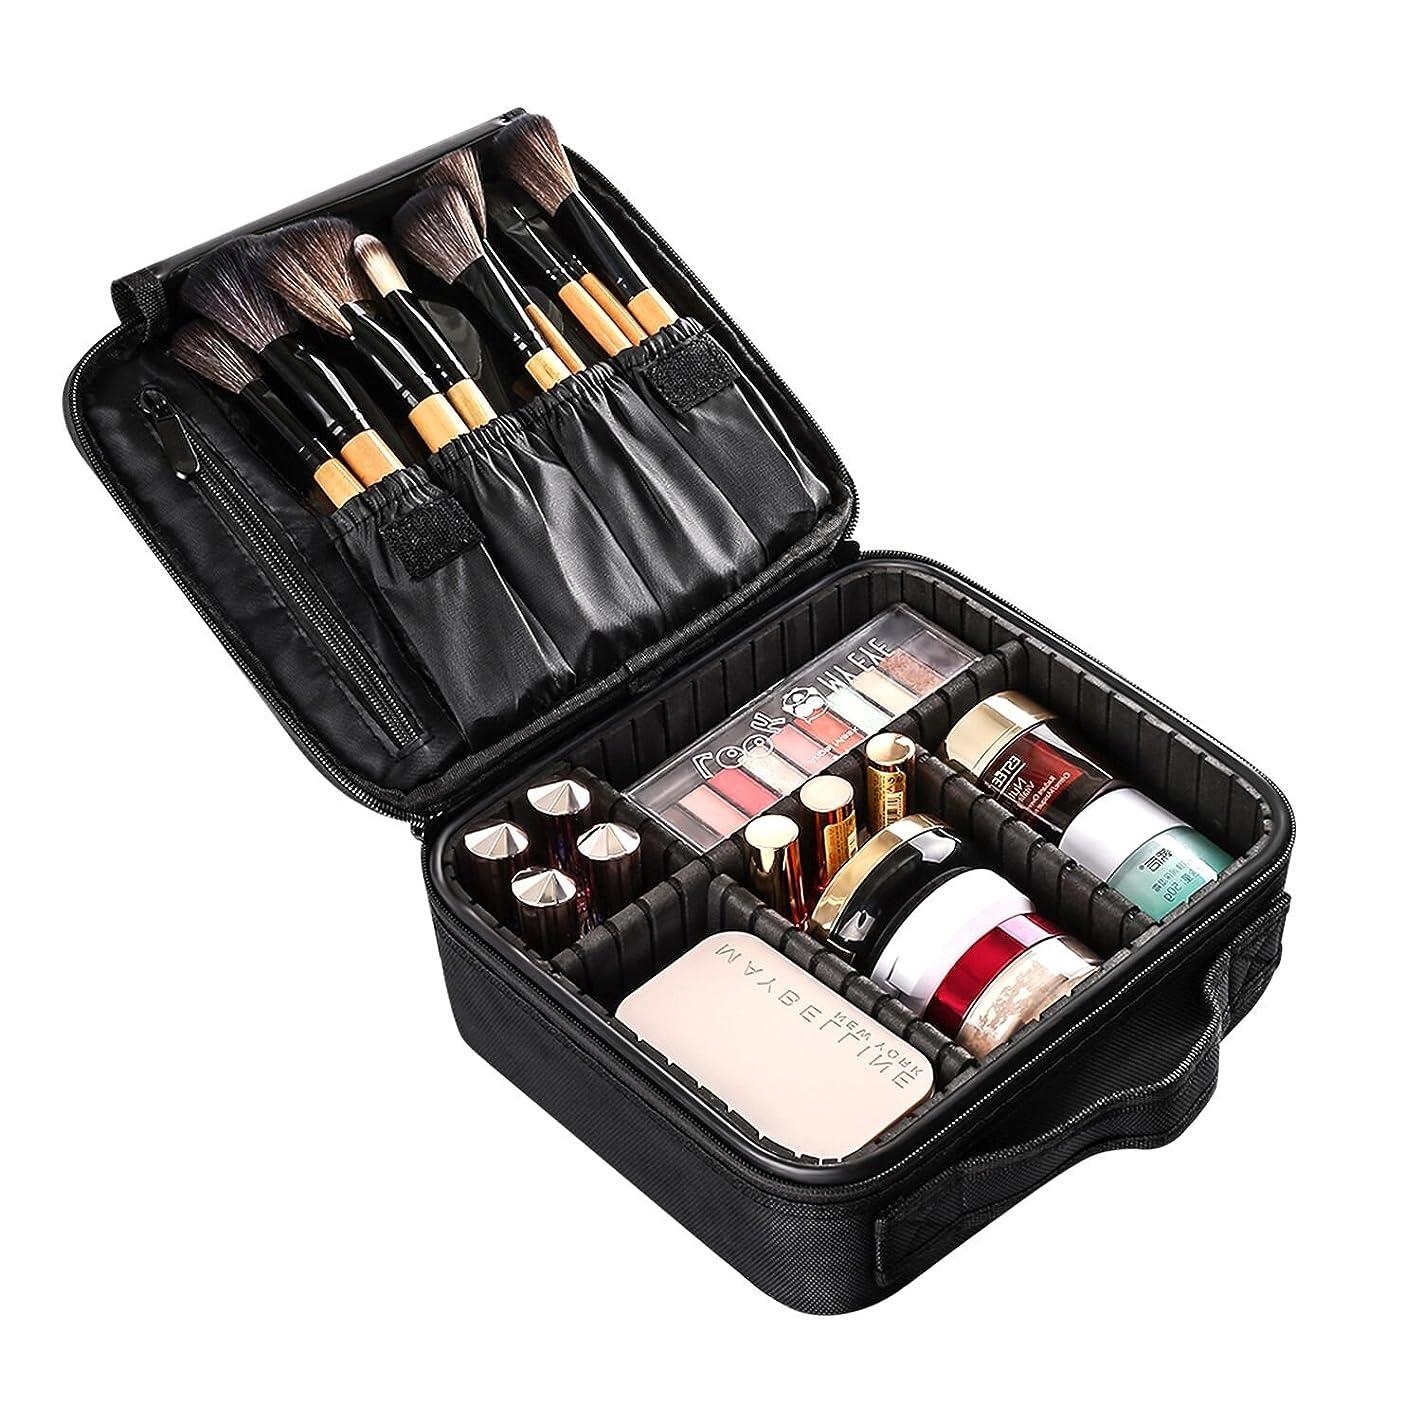 周術期思い出す直立ELOKI プロ用 メイクボックス 高品質 收納抜群 大容量 化粧バッグ 置き方が調整できる 旅行 家用に大活躍な化粧箱